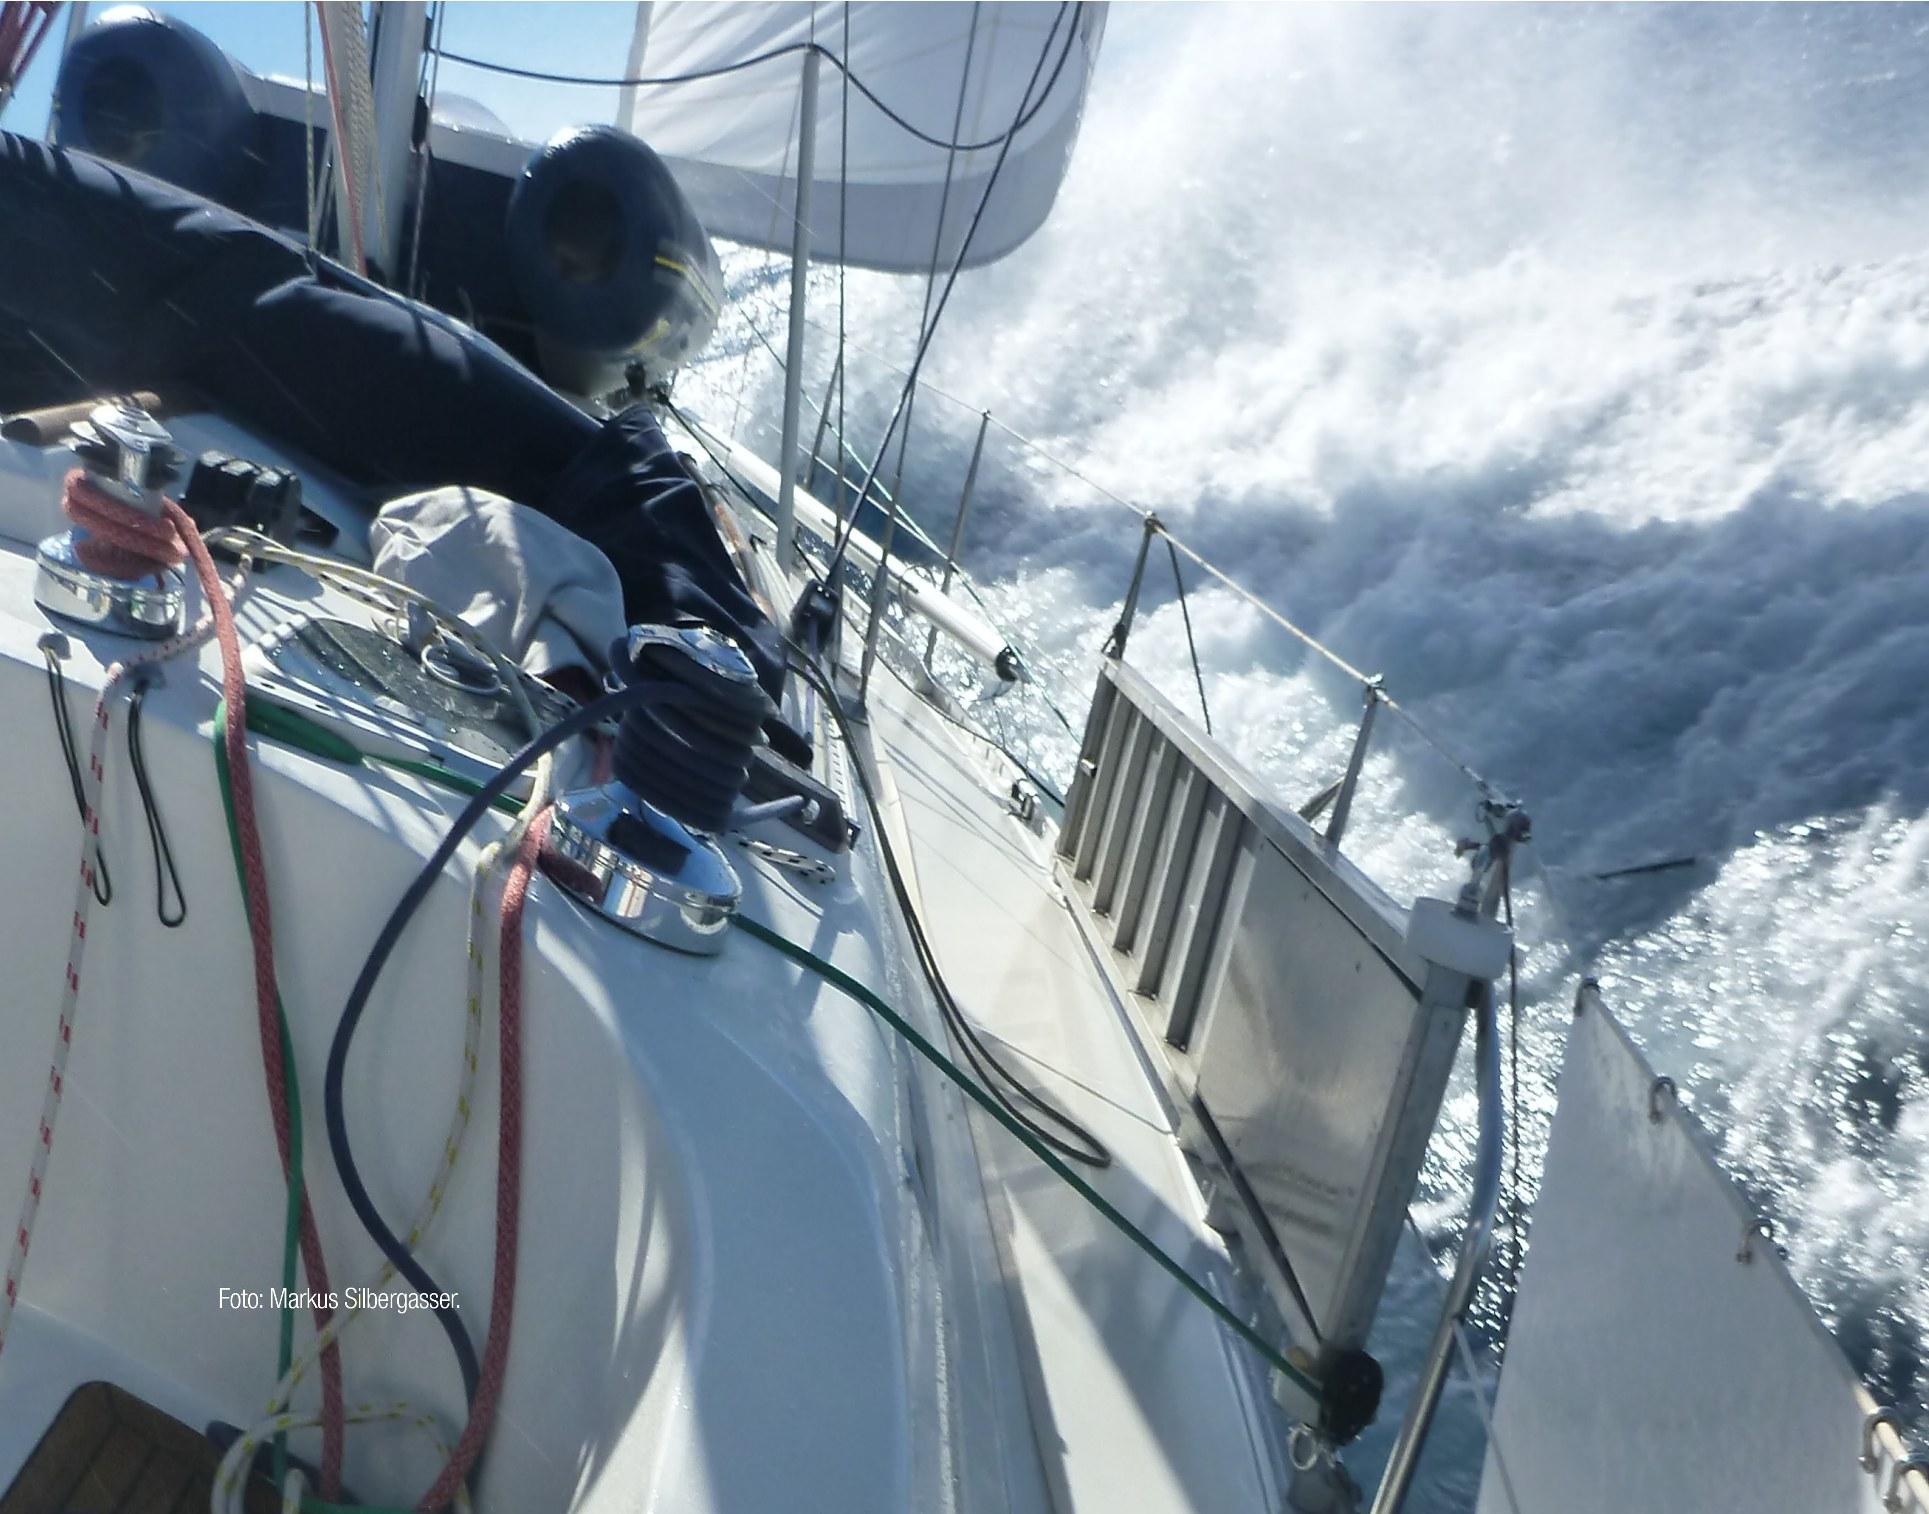 Bild von Gischt, die sich an der Seite einer Segelyacht bricht